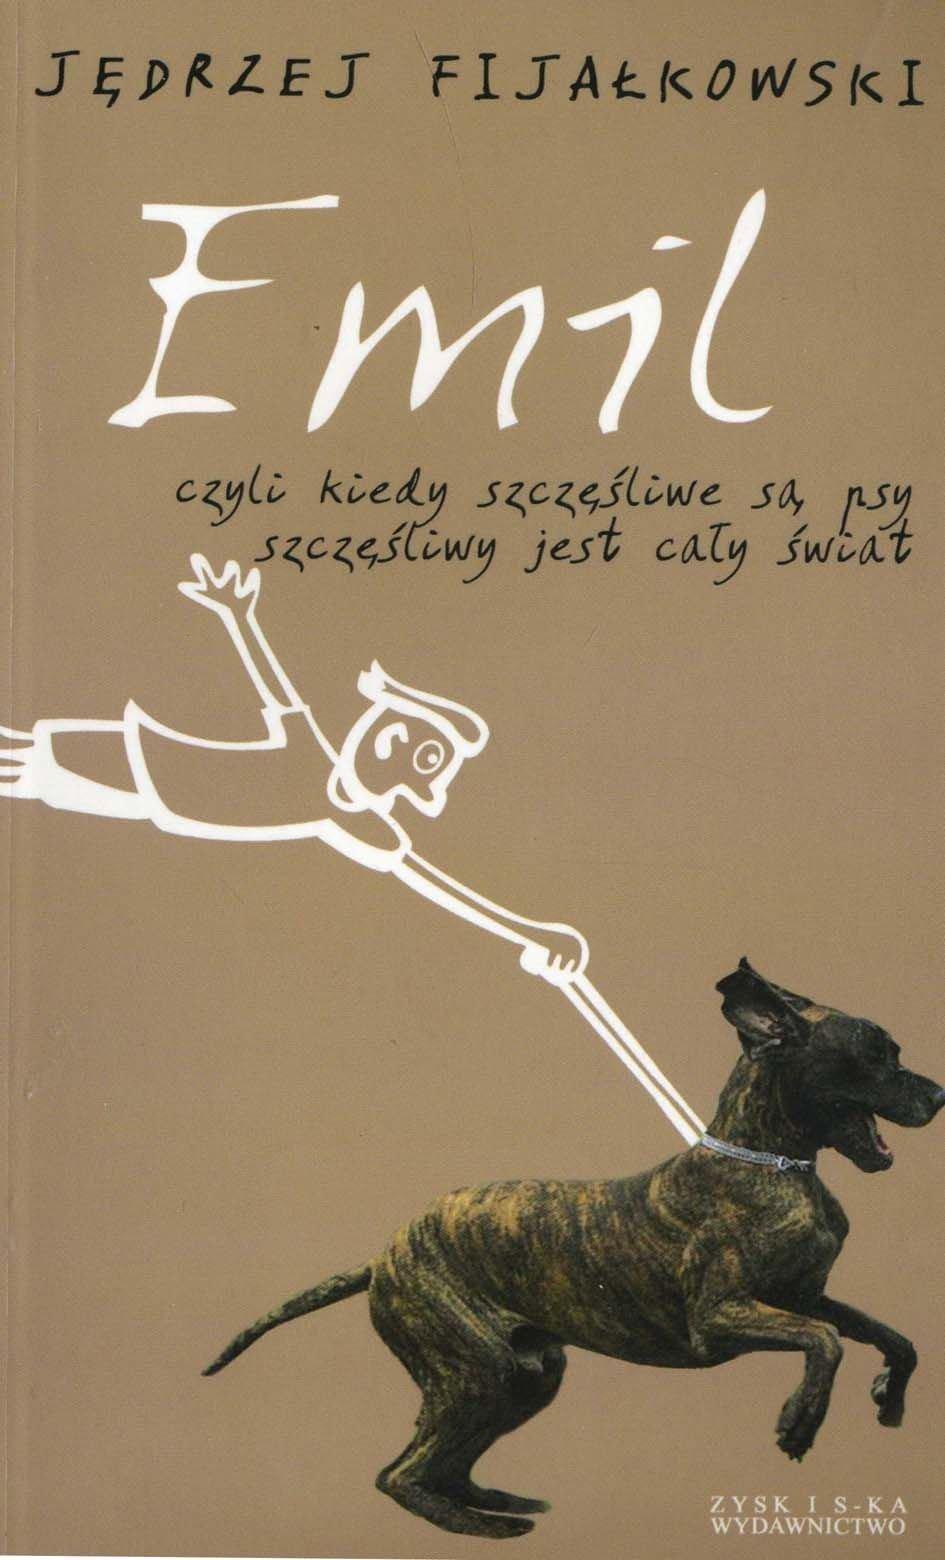 Emil, czyli kiedy szczęśliwe są psy, szczęśliwy jest cały świat - Ebook (Książka EPUB) do pobrania w formacie EPUB